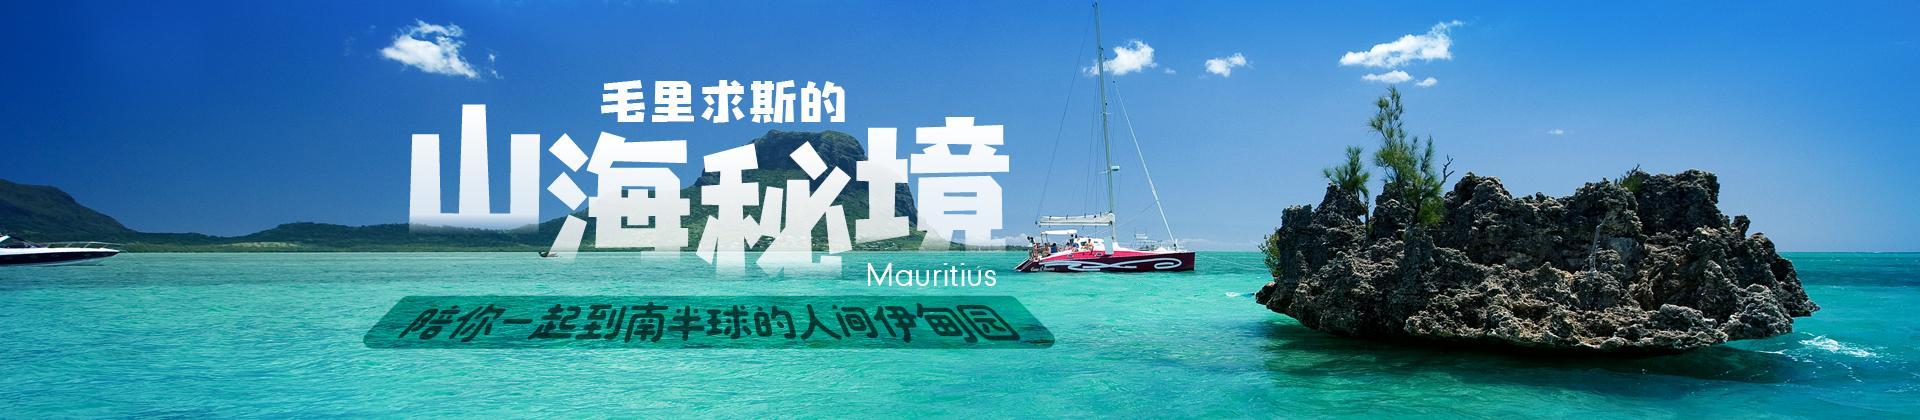 毛里求斯的山海秘境